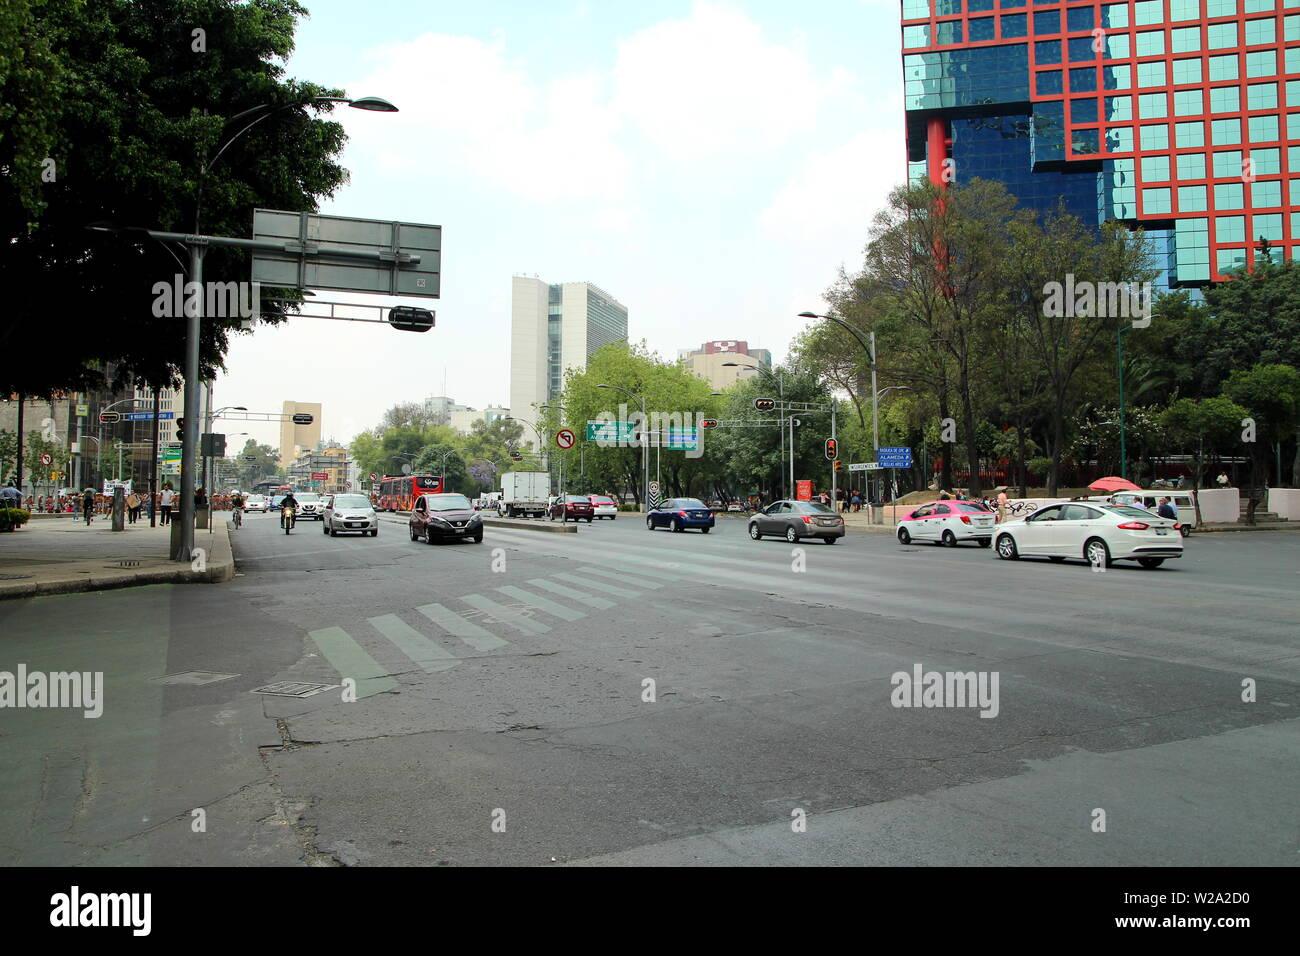 Paseo de la Reforma. Central Avenue of Mexico city. - Stock Image